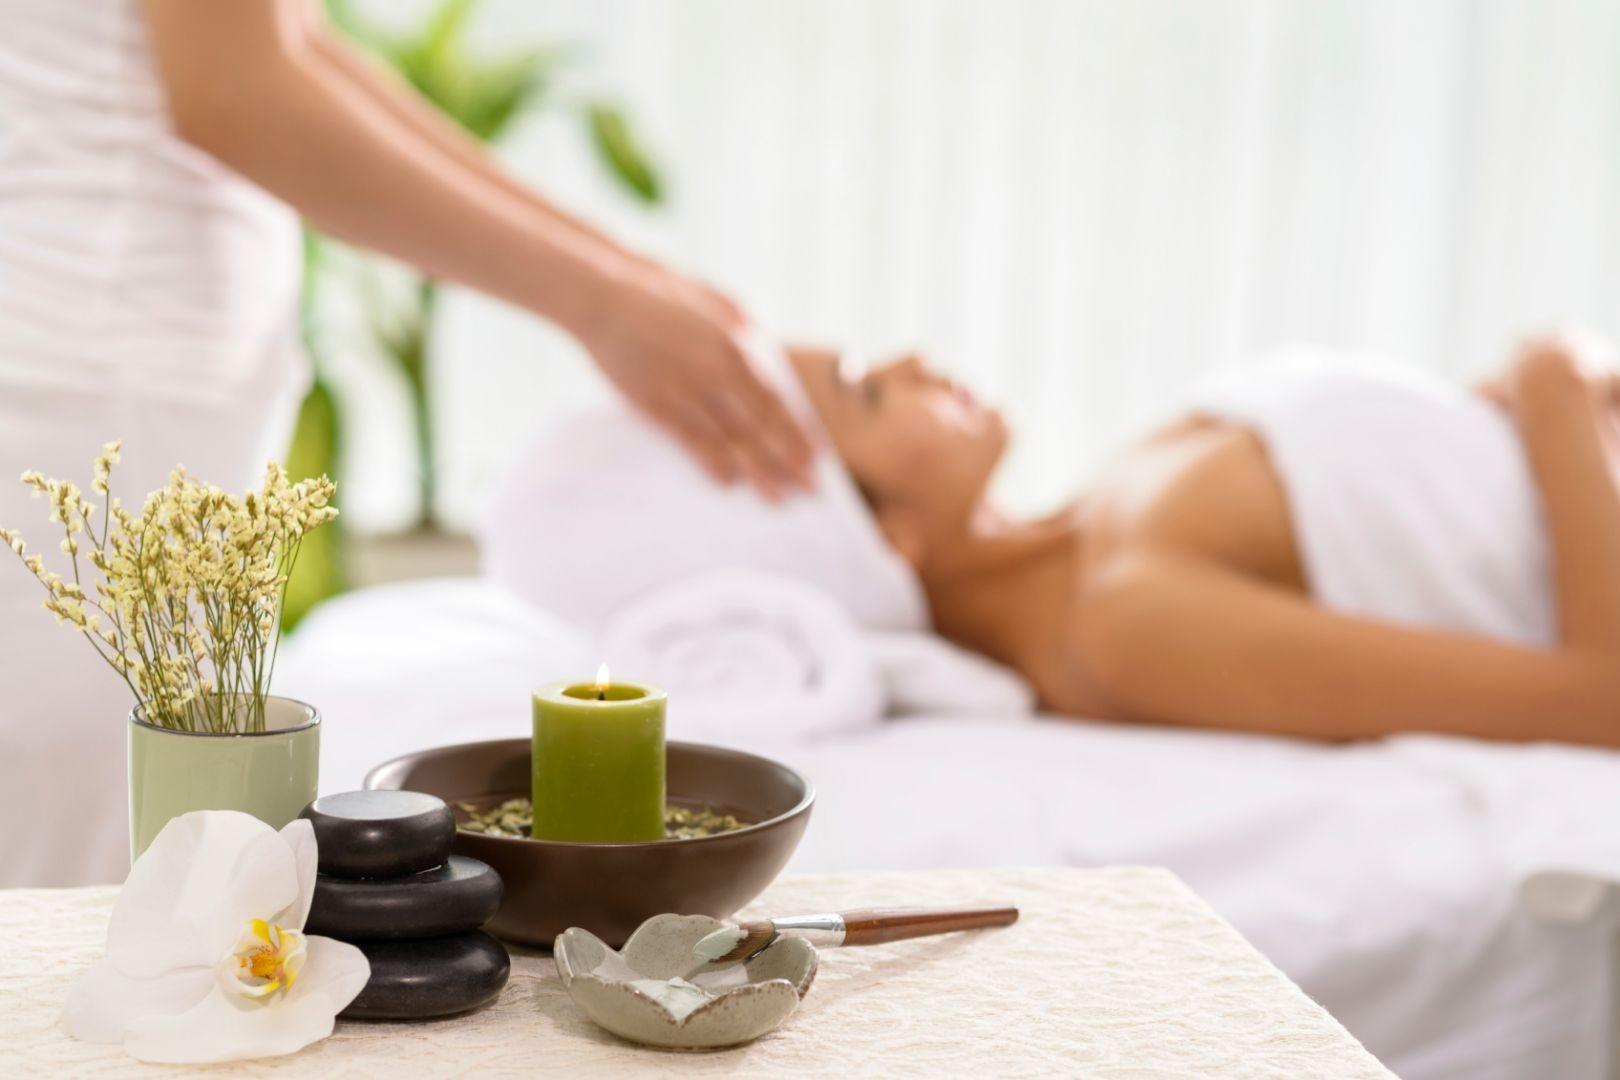 massage giúp giải độc